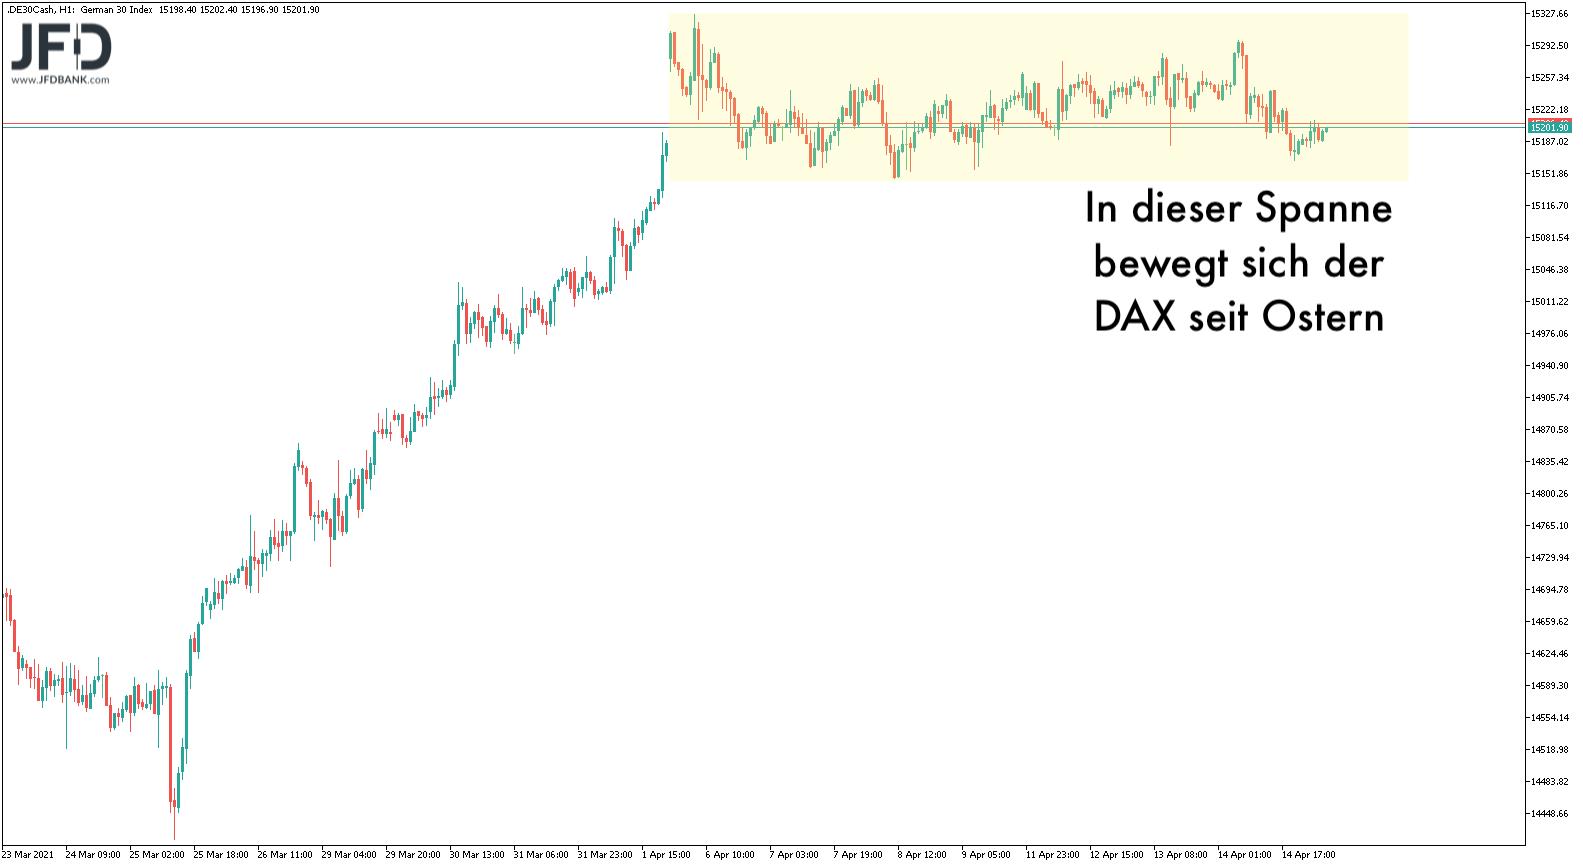 Klare Range im DAX seit Ostern